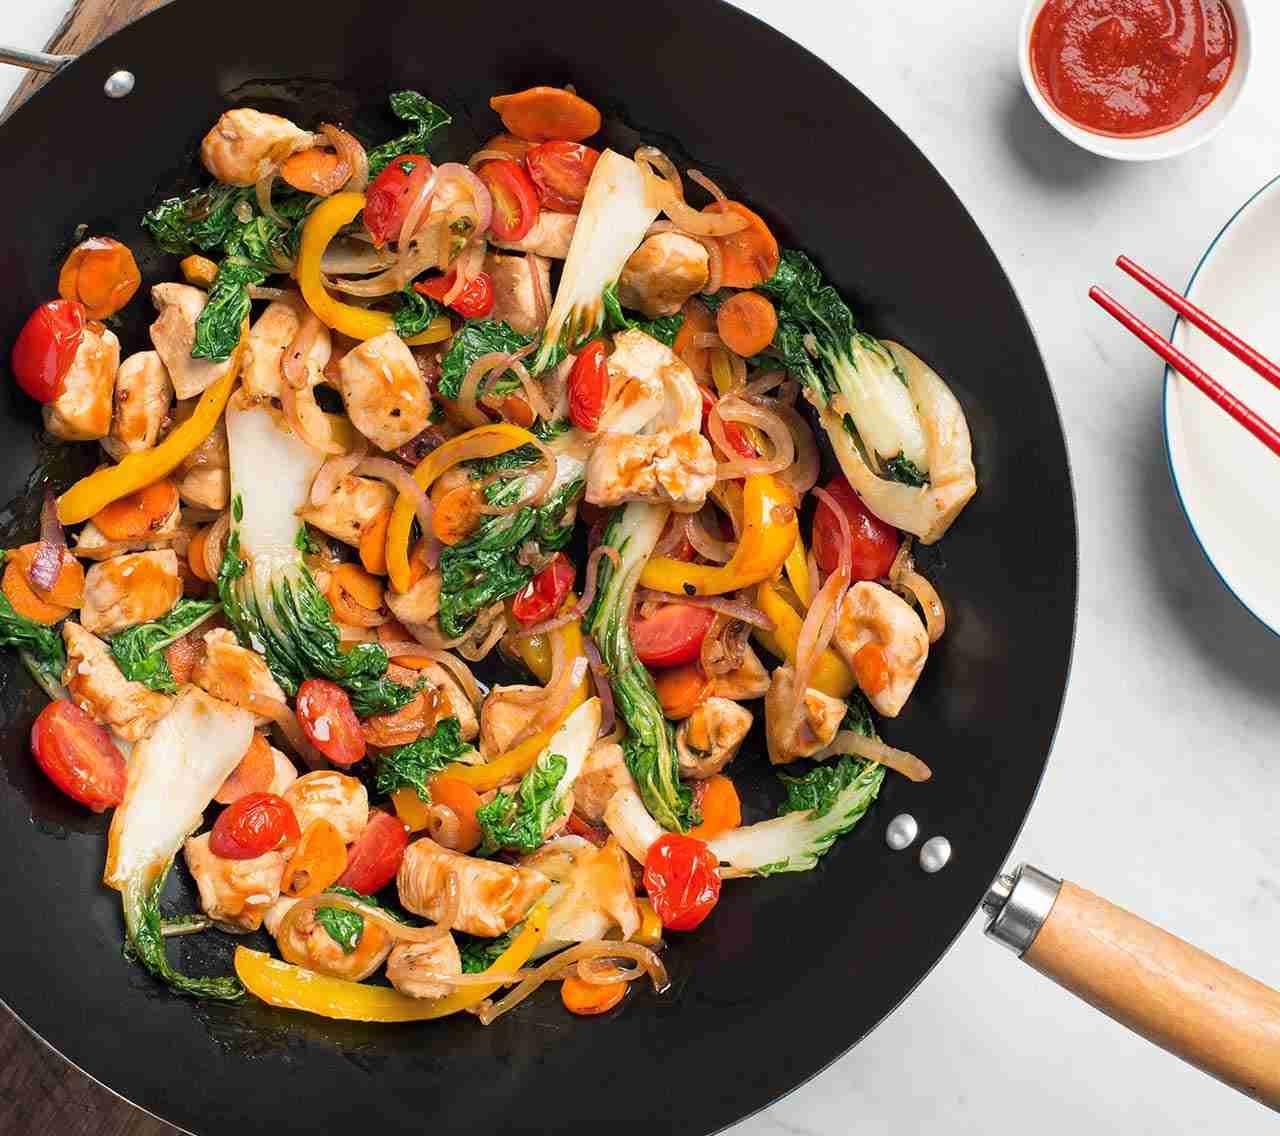 Rezepte Kohlenhydratfrei Und Ideen Für Leckere Eiweiß in Leckere Pfannengerichte Mit Fleisch